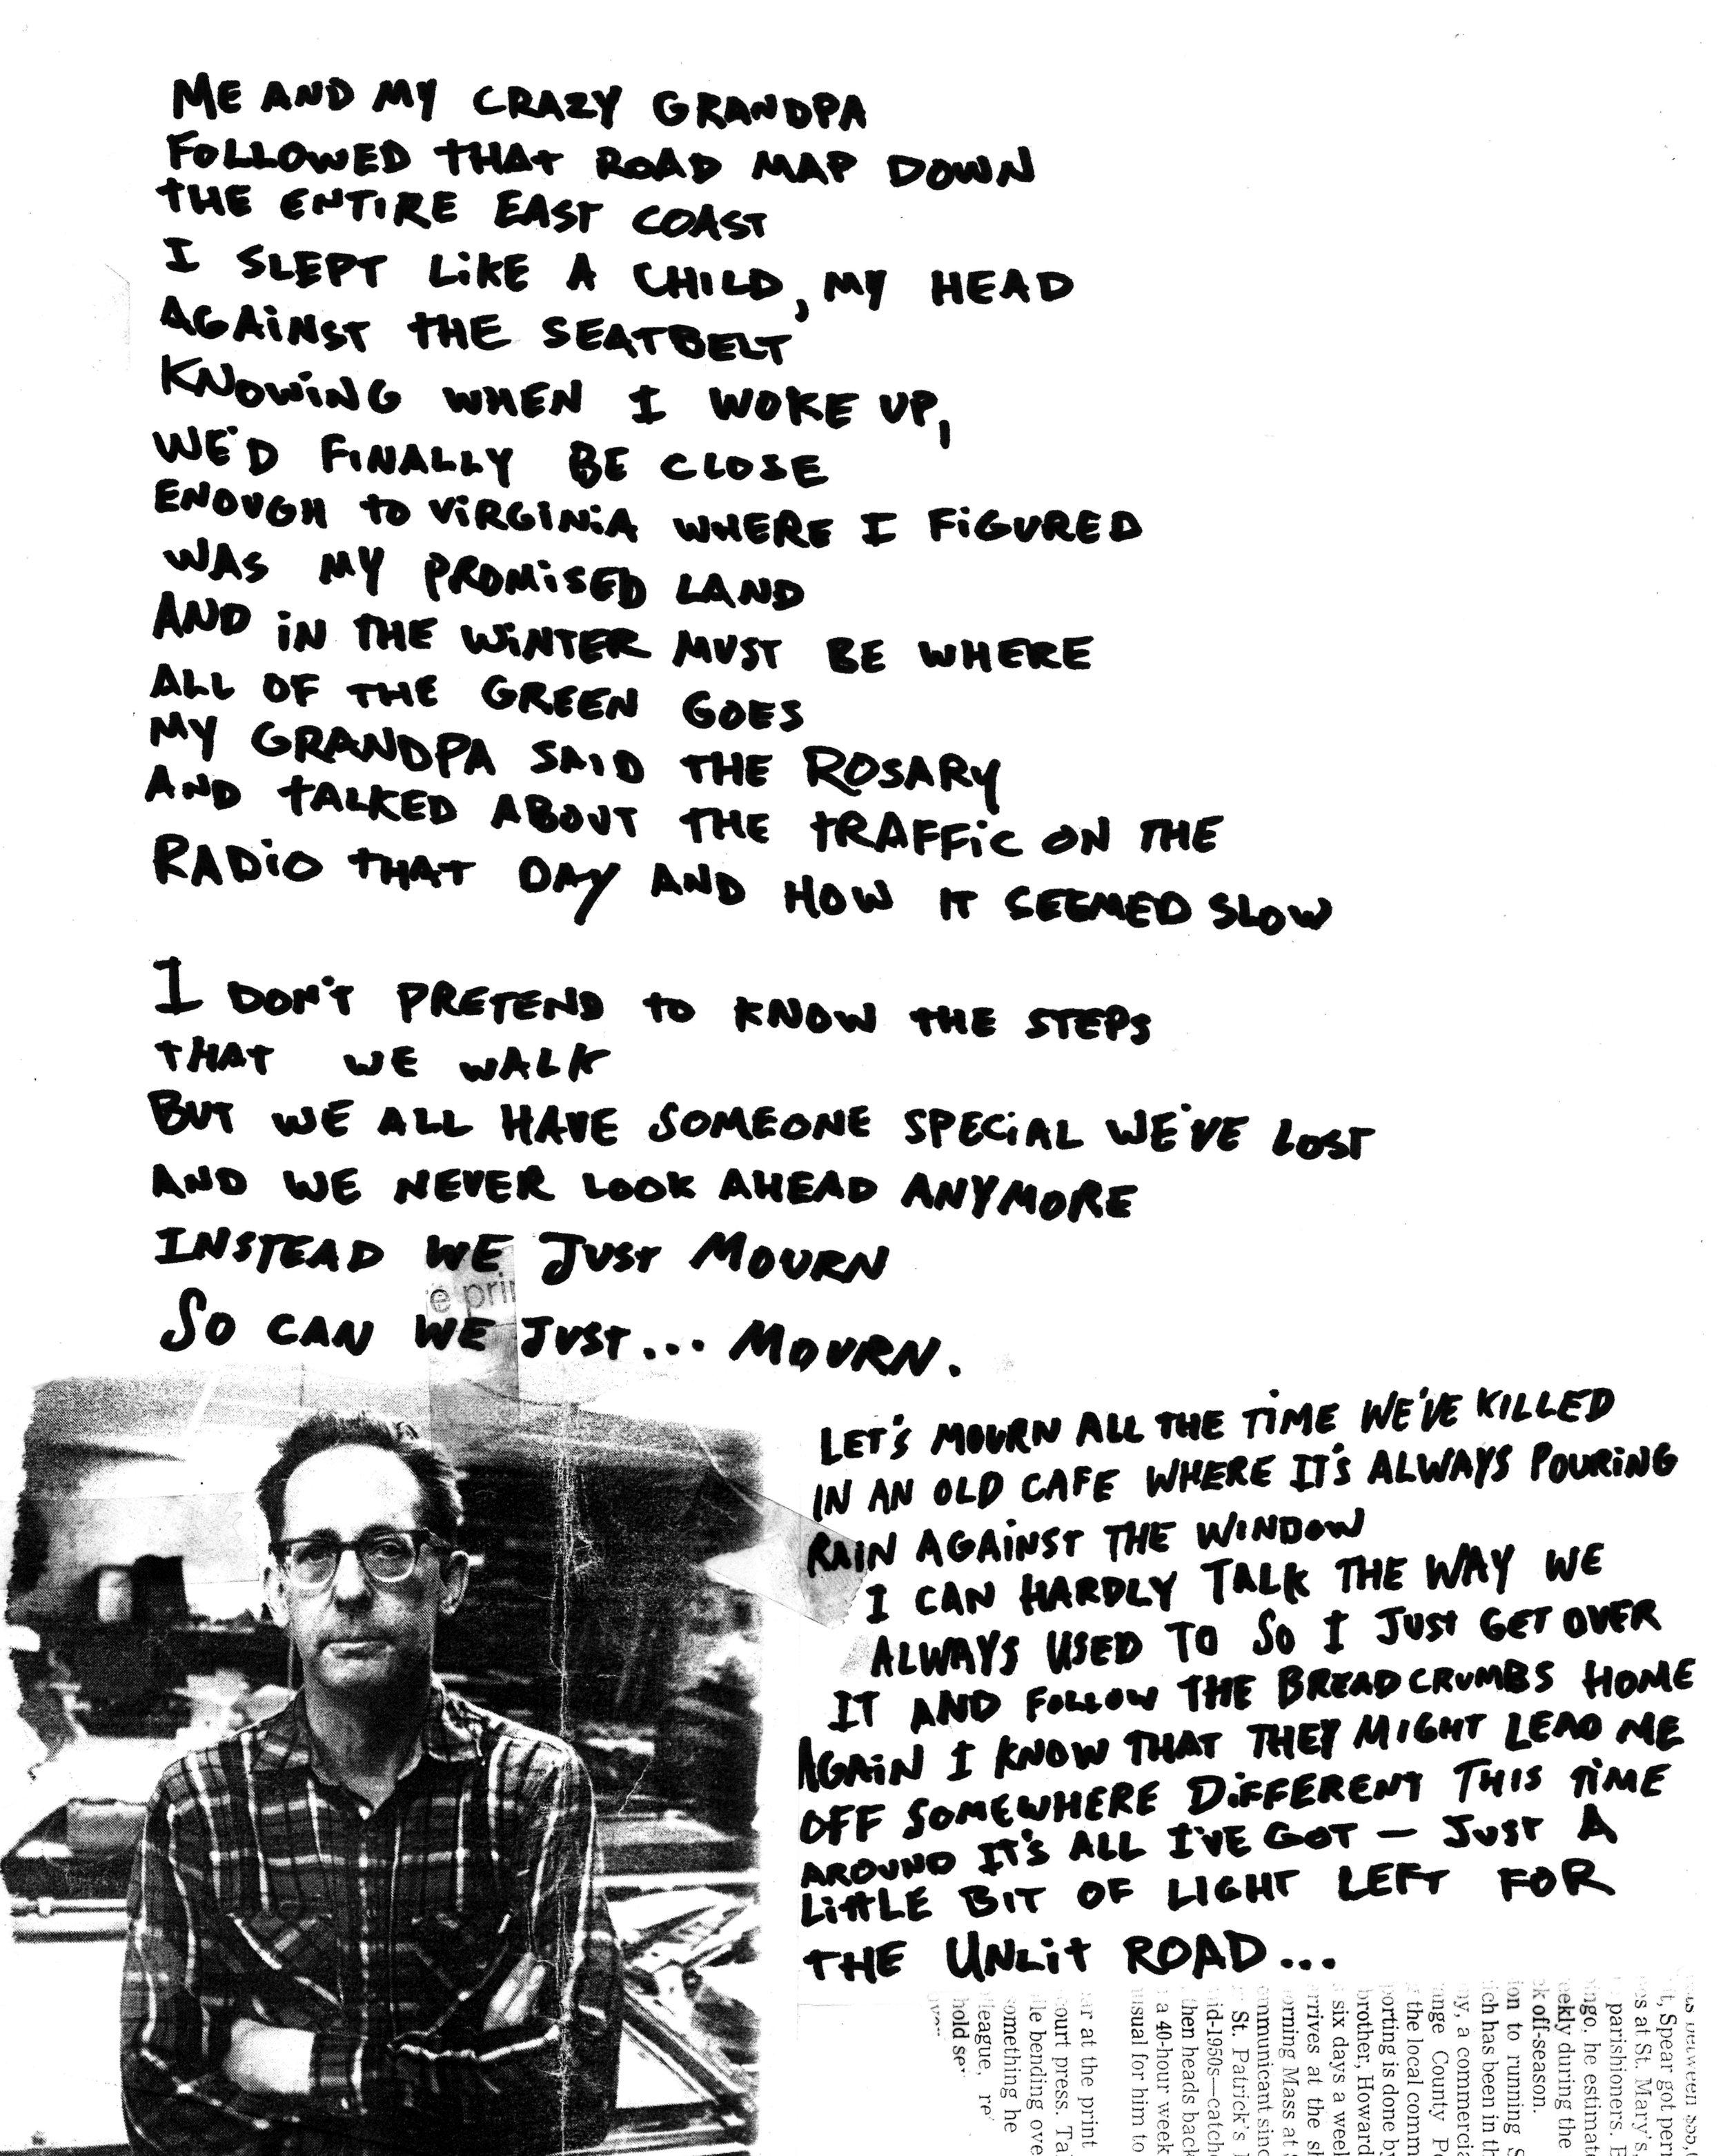 Mourn lyrics for website page 2.jpg